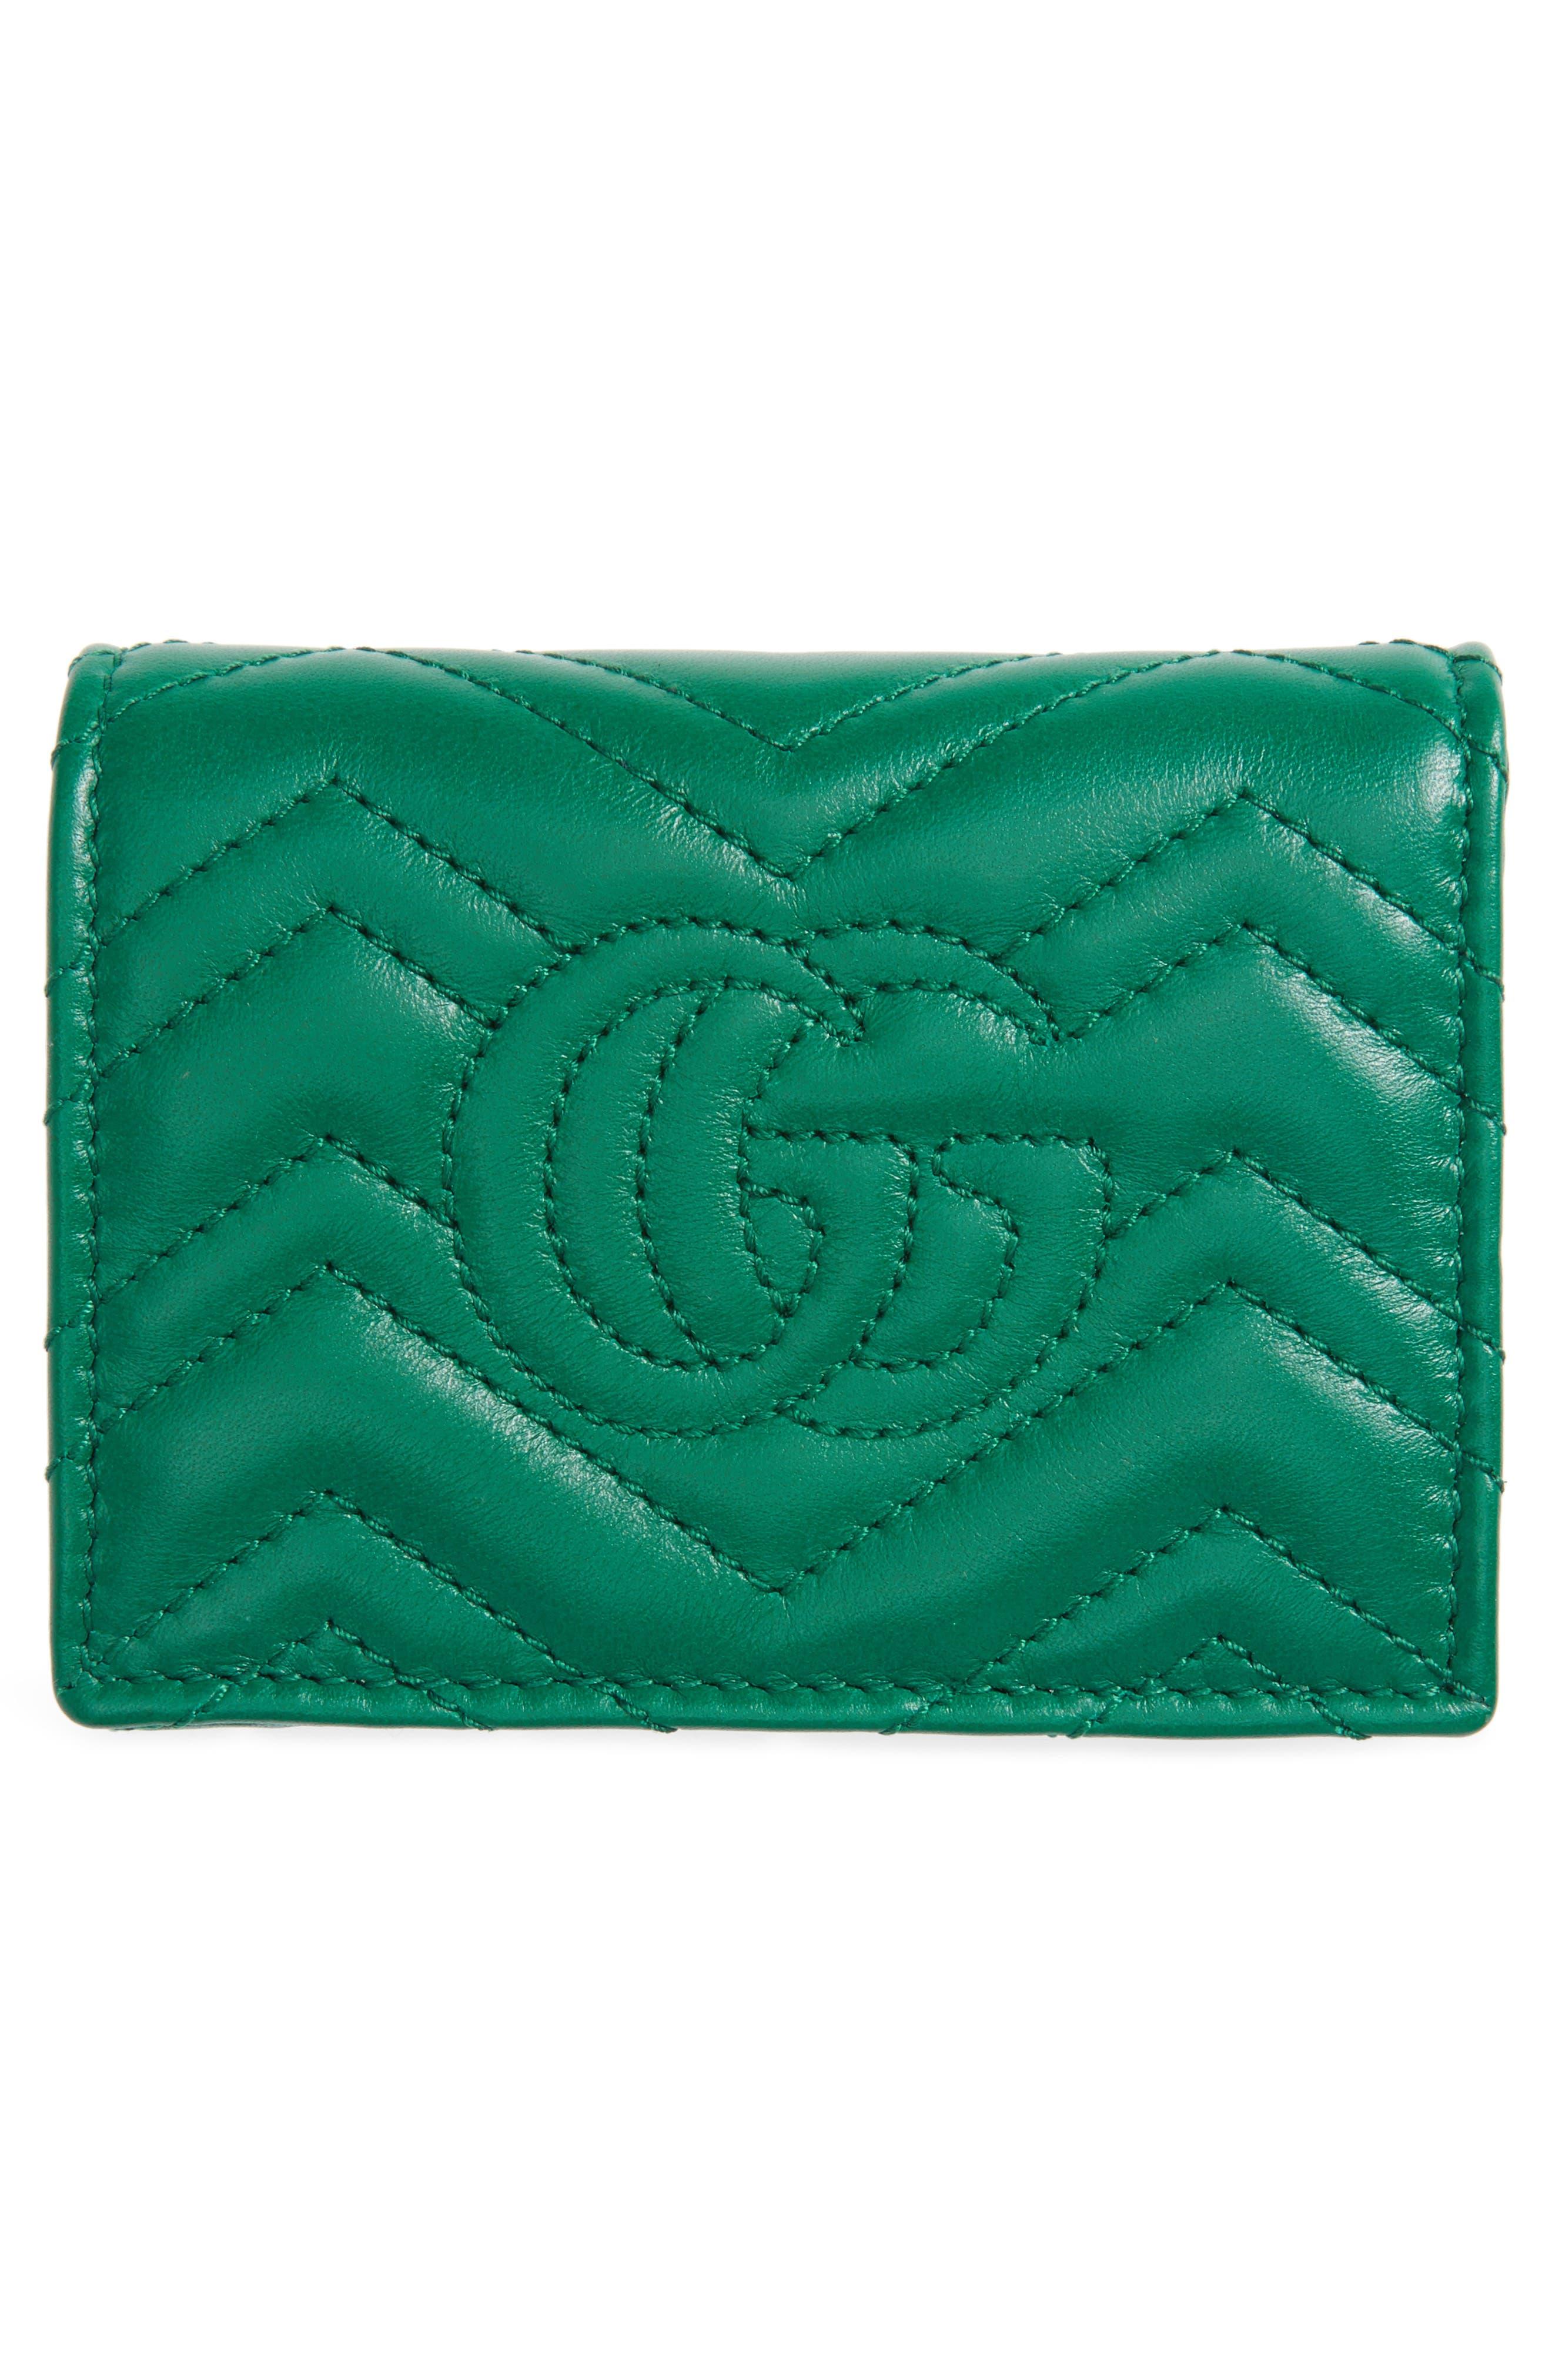 GG Marmont Matelassé Leather Card Case,                             Alternate thumbnail 3, color,                             302